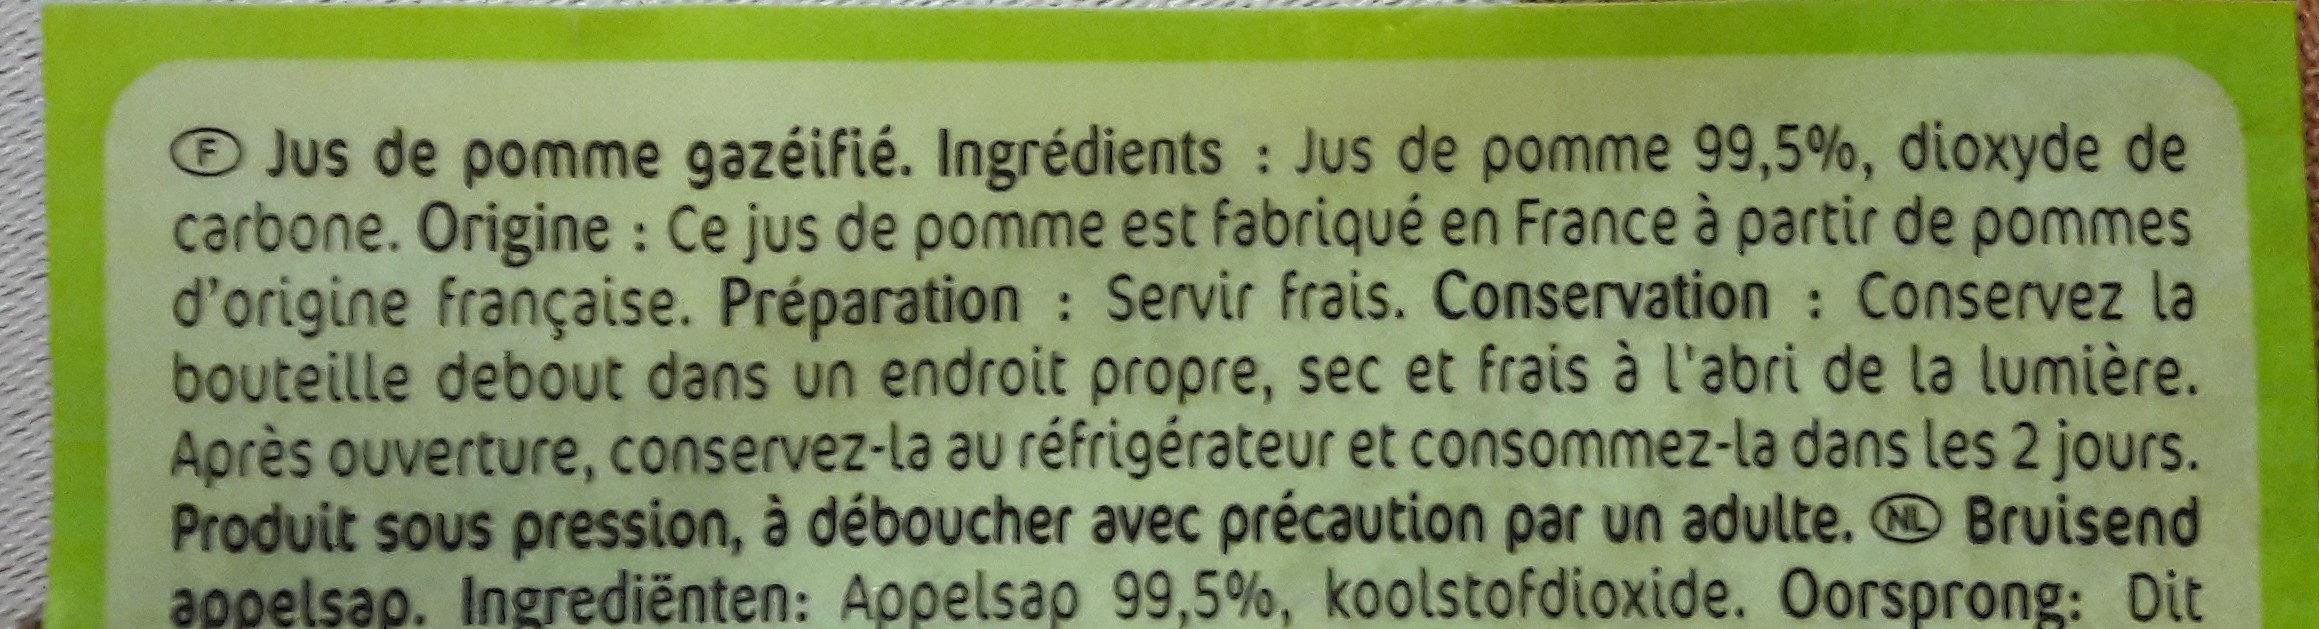 Fiestabul Jus de pomme pétillant - Ingrédients - fr